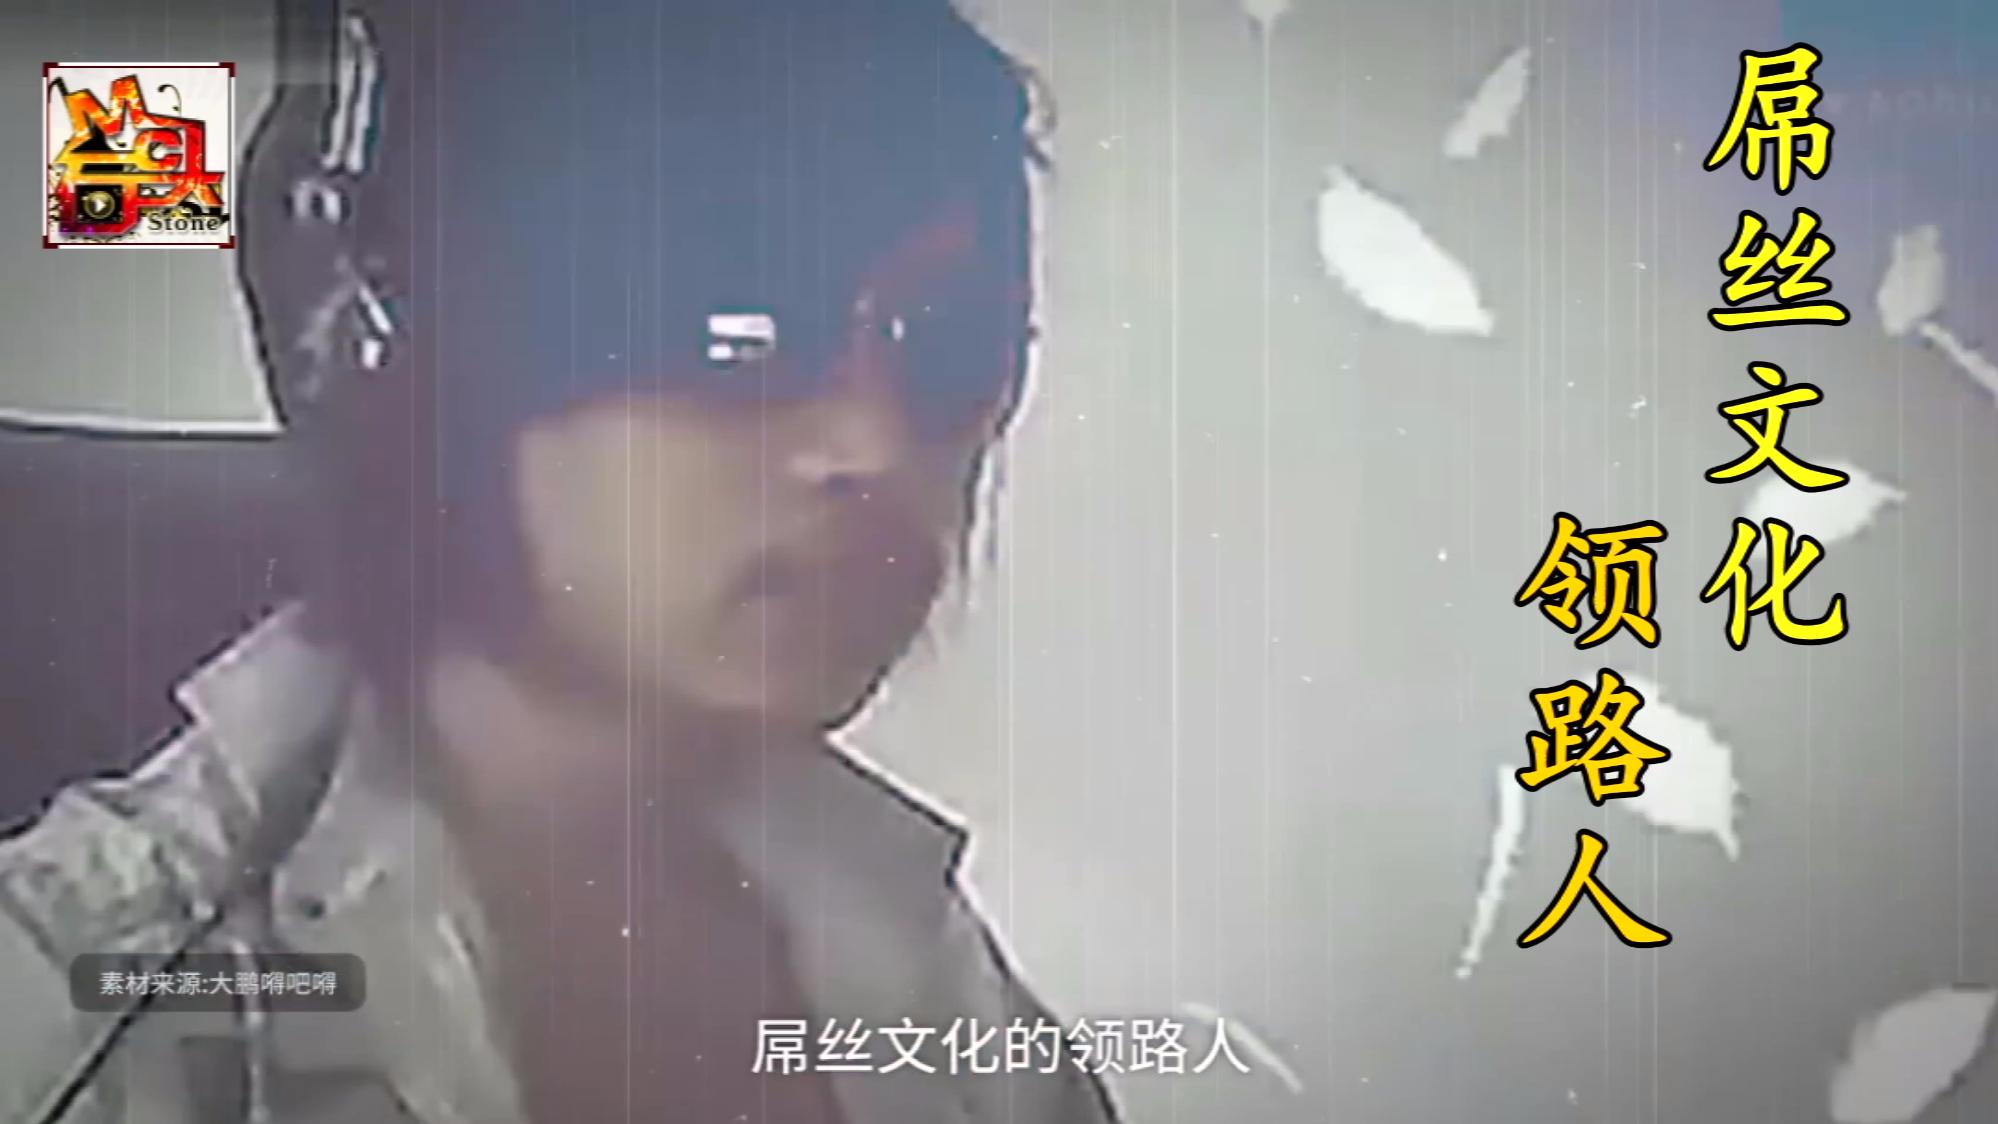 MC石头:屌丝文化的领路人(专访纪录片),香蕉榜首页见